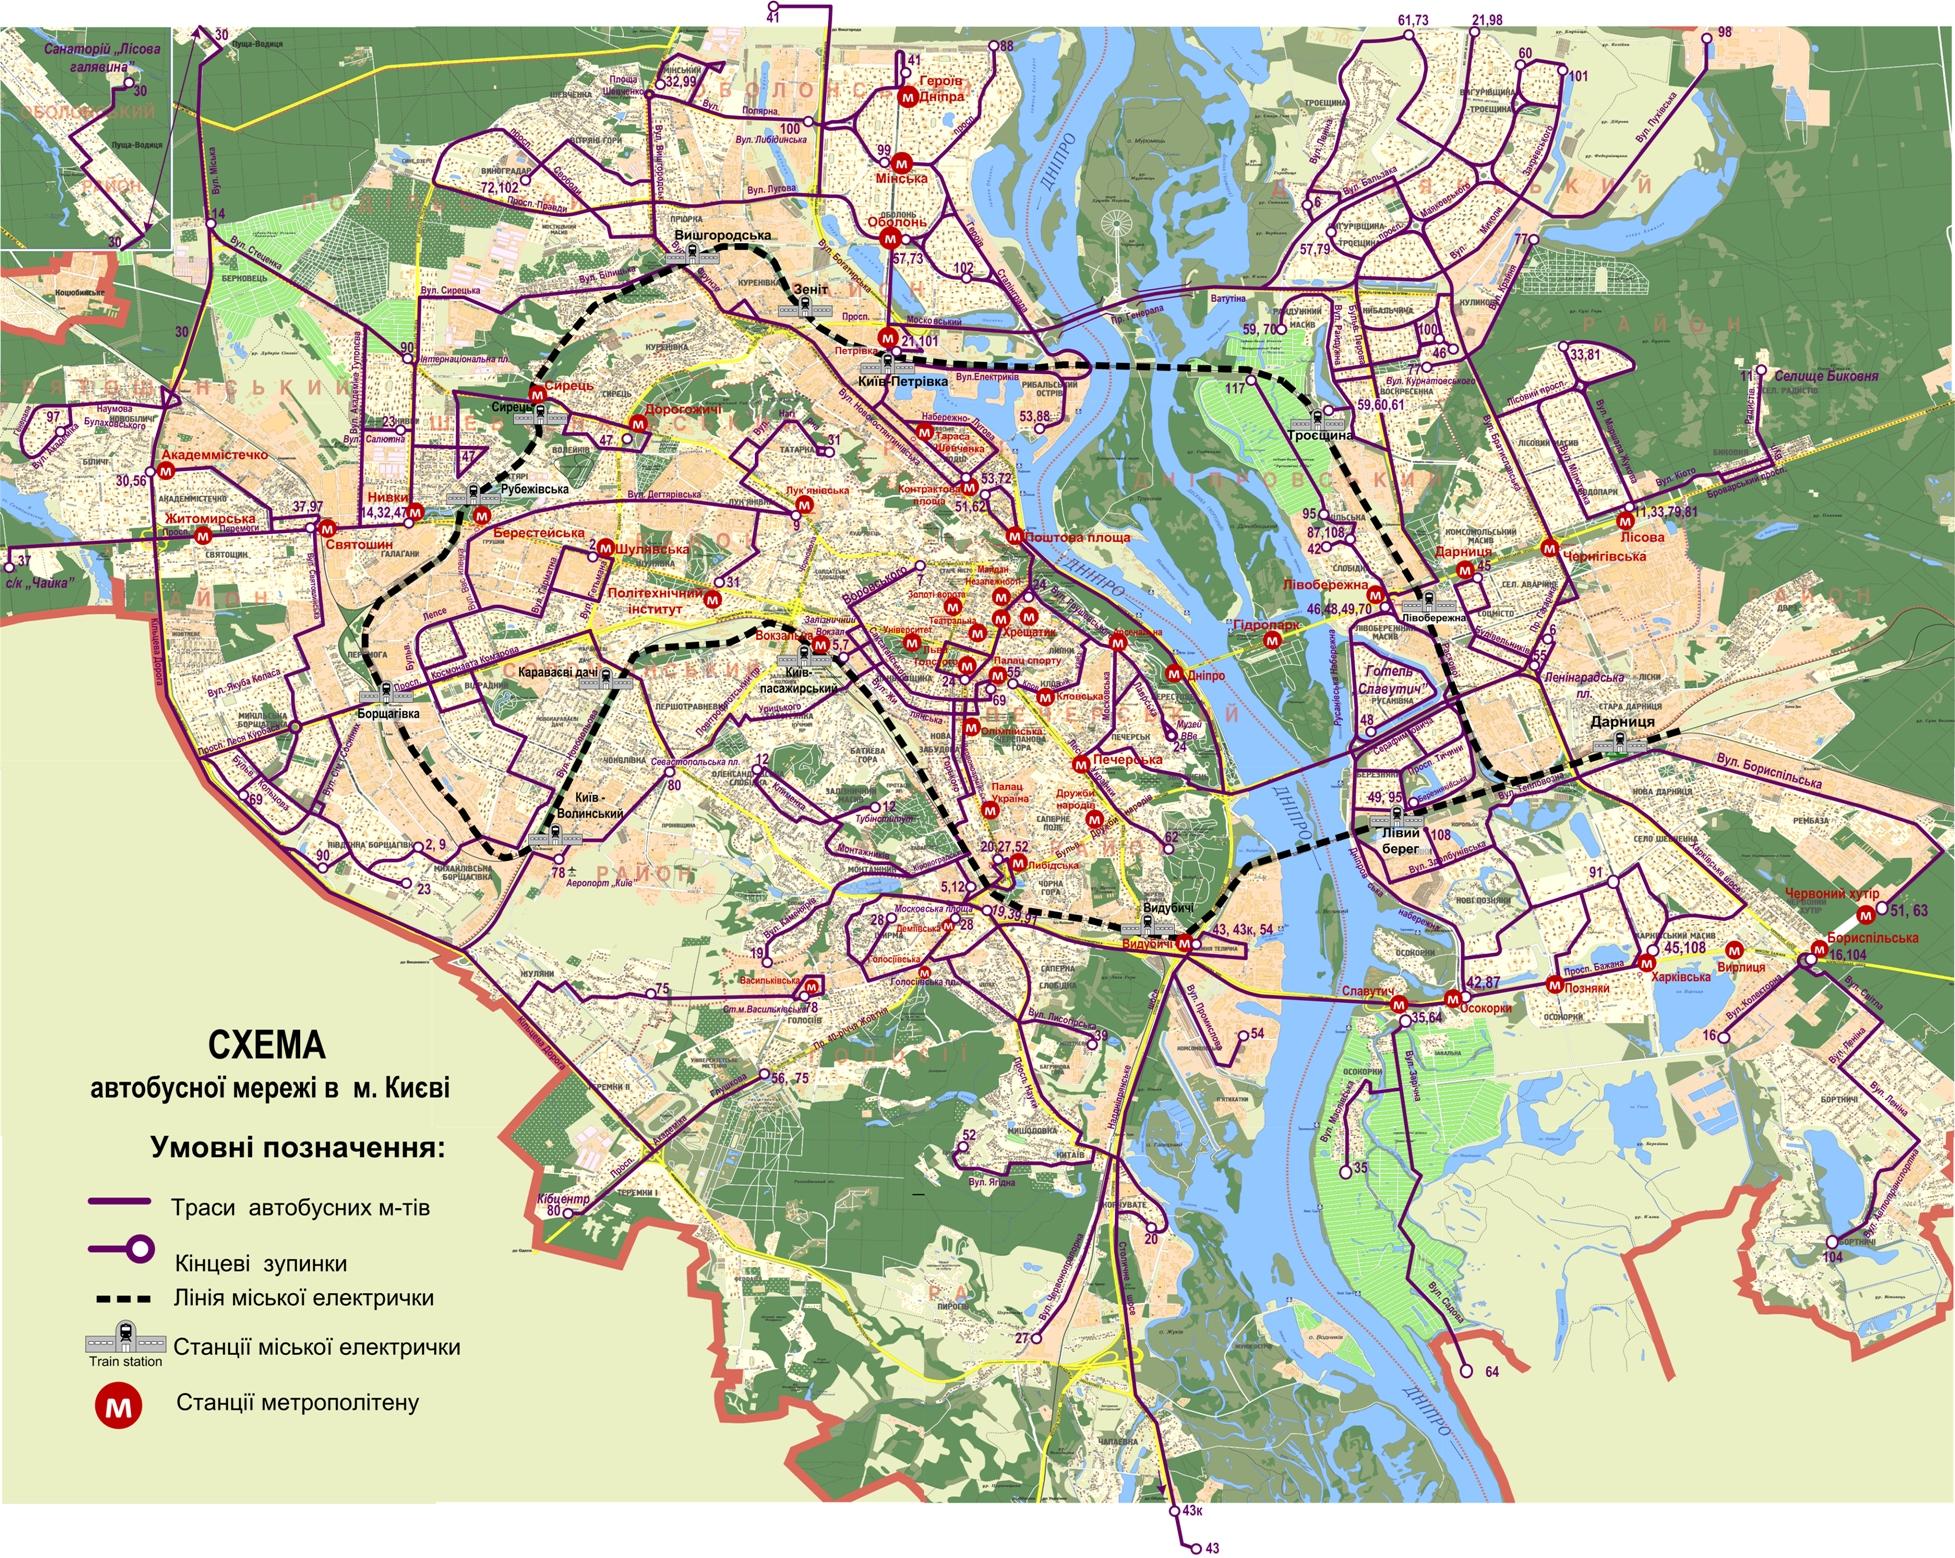 План - схема маршрутов автобусов Киева 3